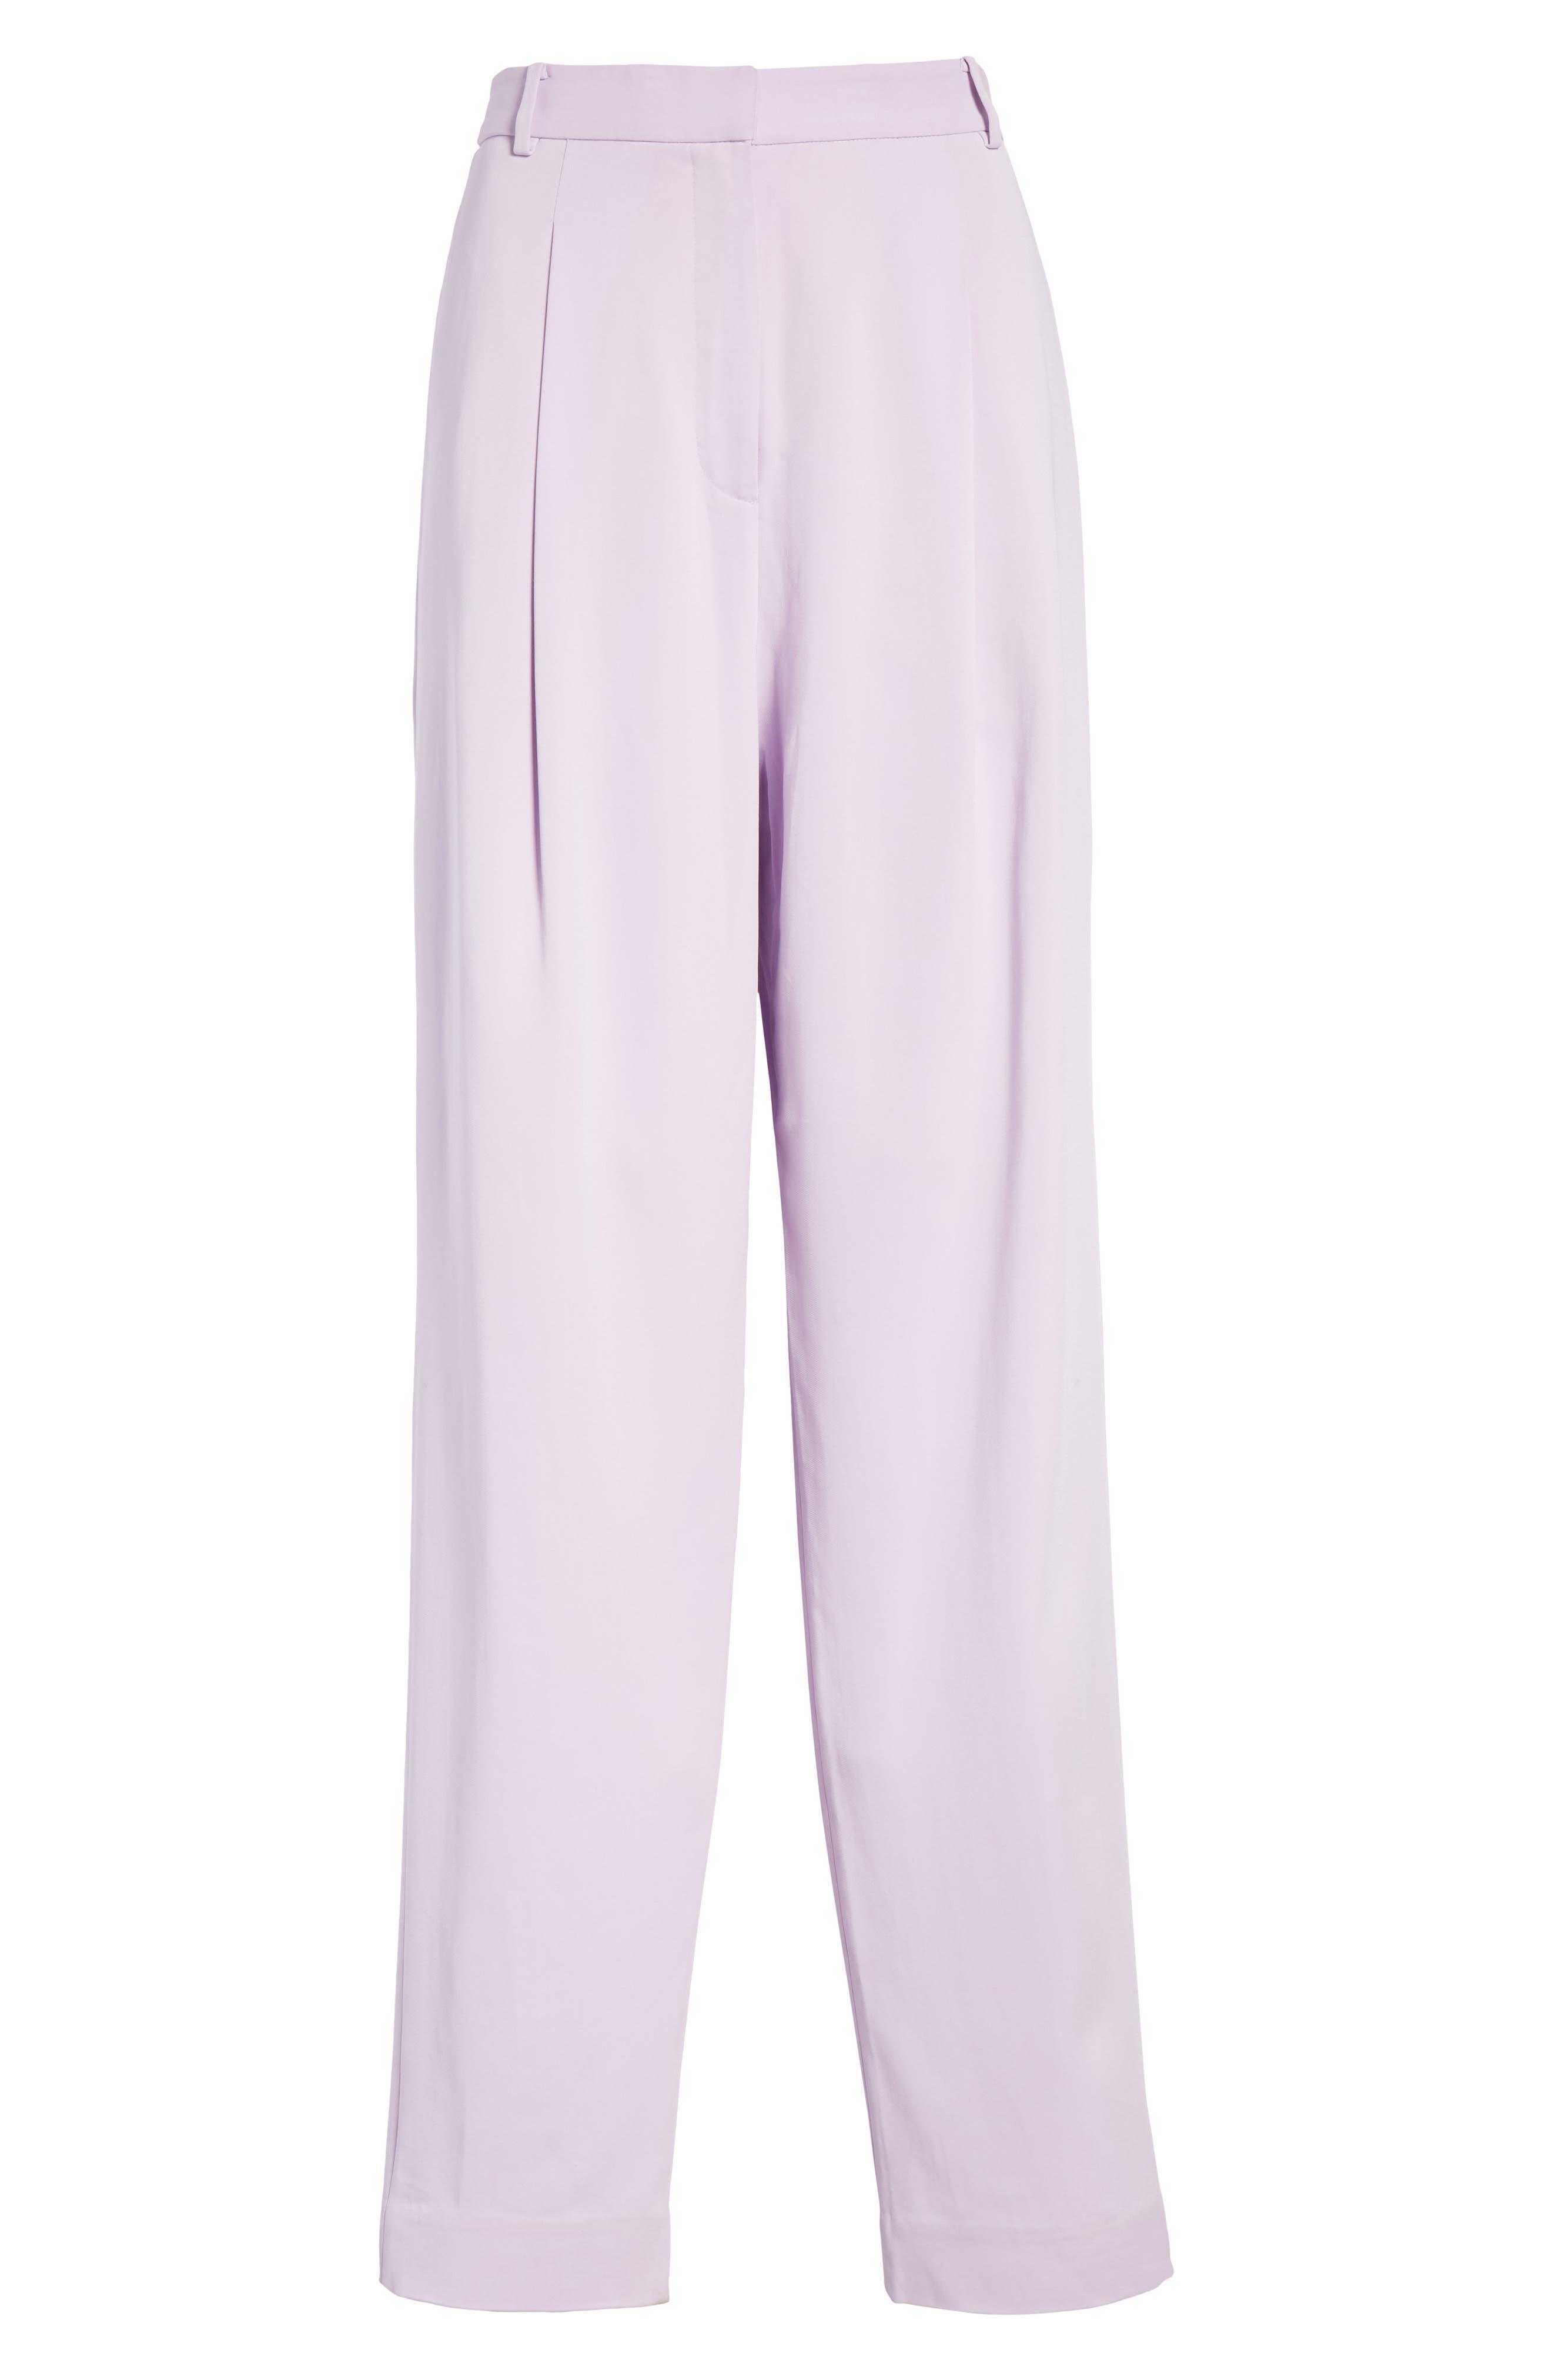 Sculpted Pleat Front Suit Pants,                             Alternate thumbnail 7, color,                             Lavender